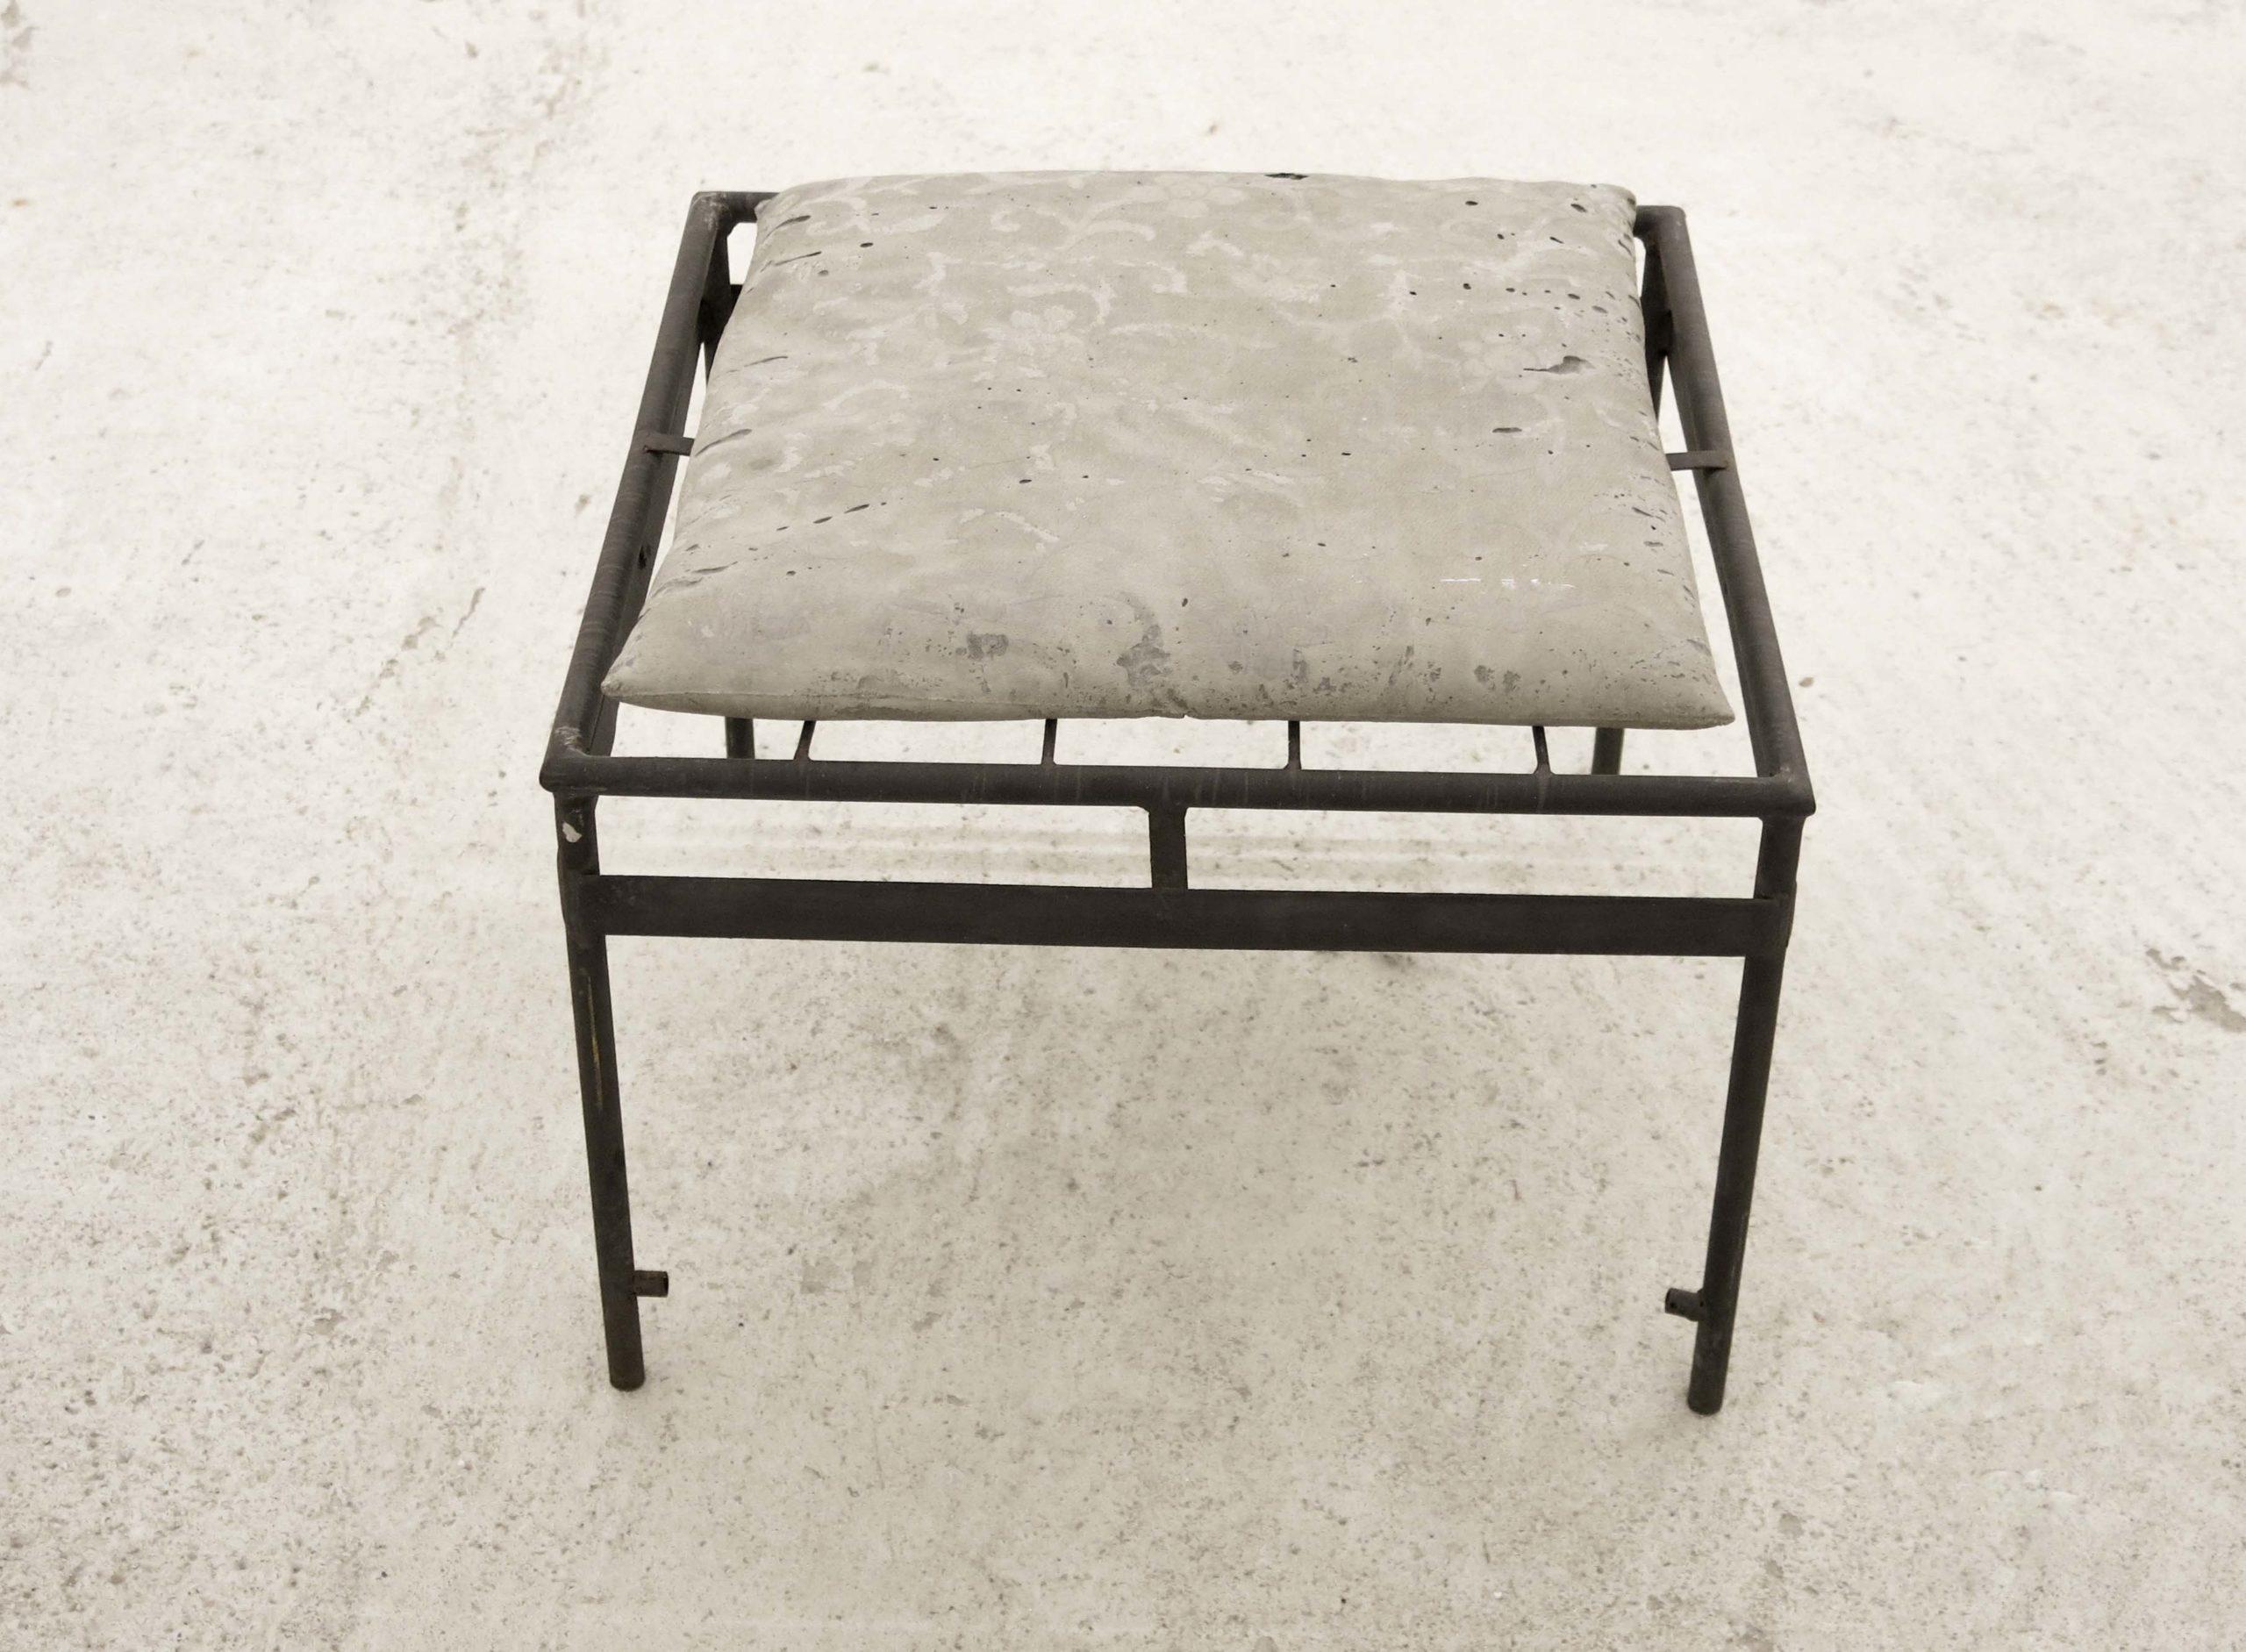 cuscino in cemento con impronte floreali su tavolino in ferro